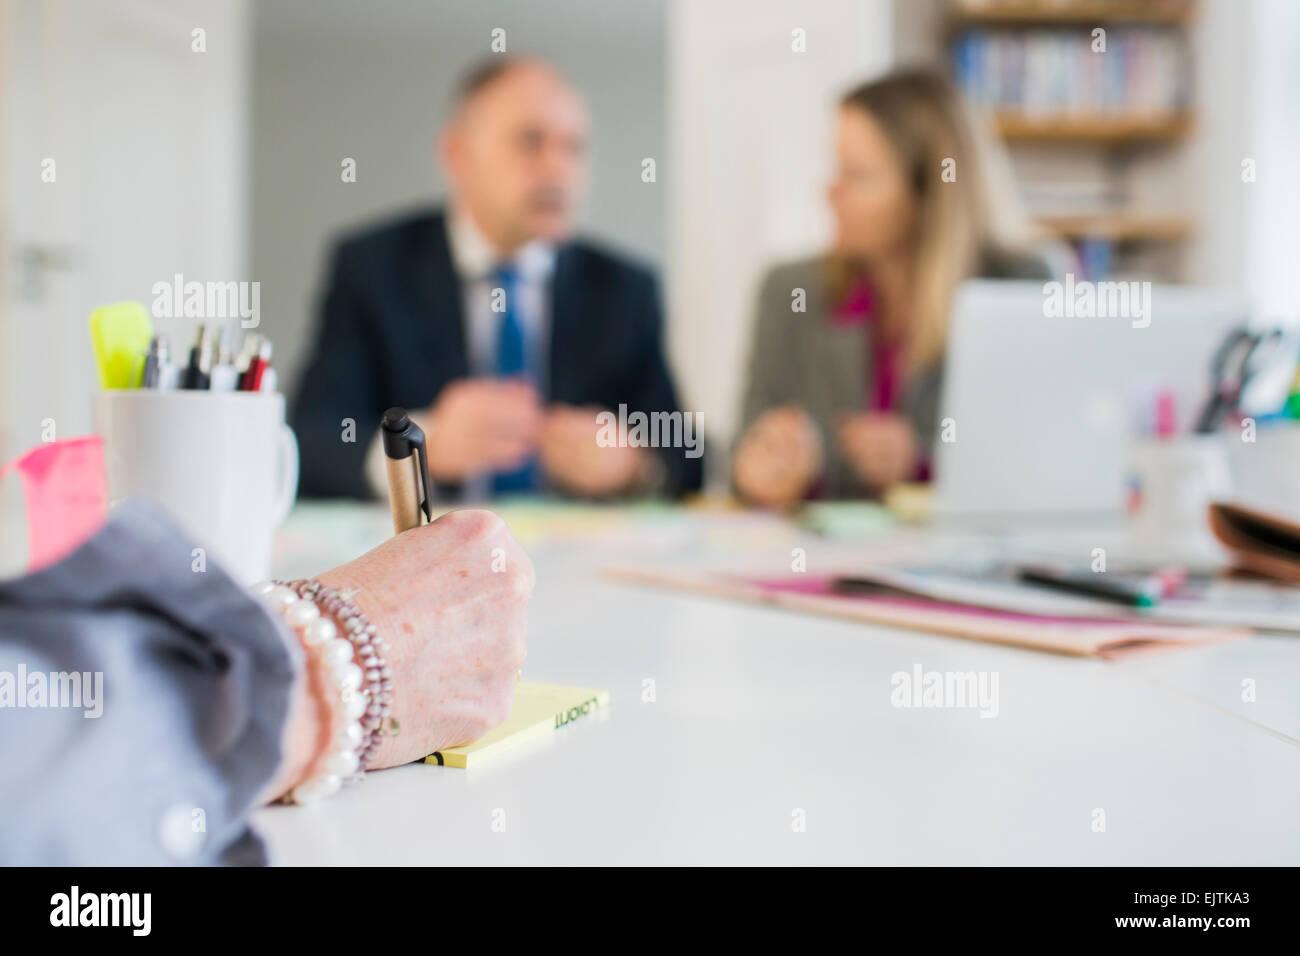 Portrait de la main rappel devant des collègues au bureau 24 Photo Stock